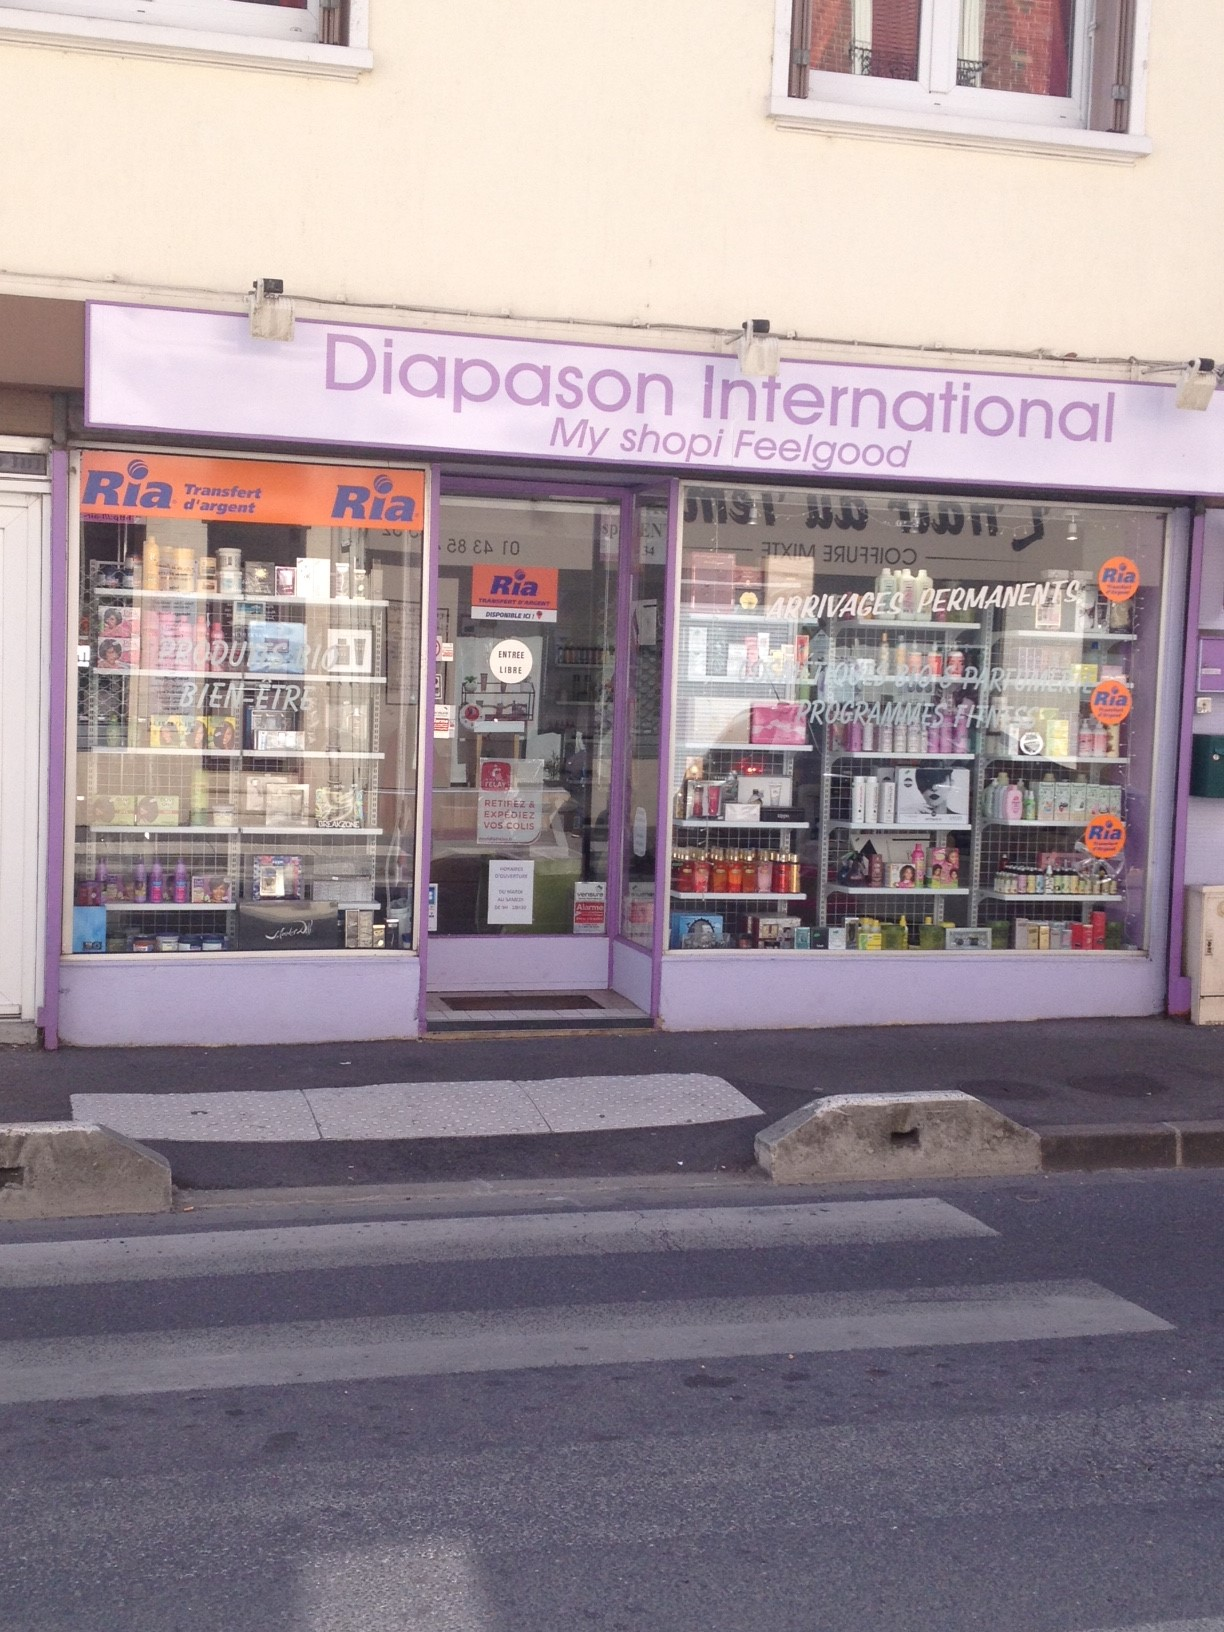 DIAPASON INTERNATIONAL